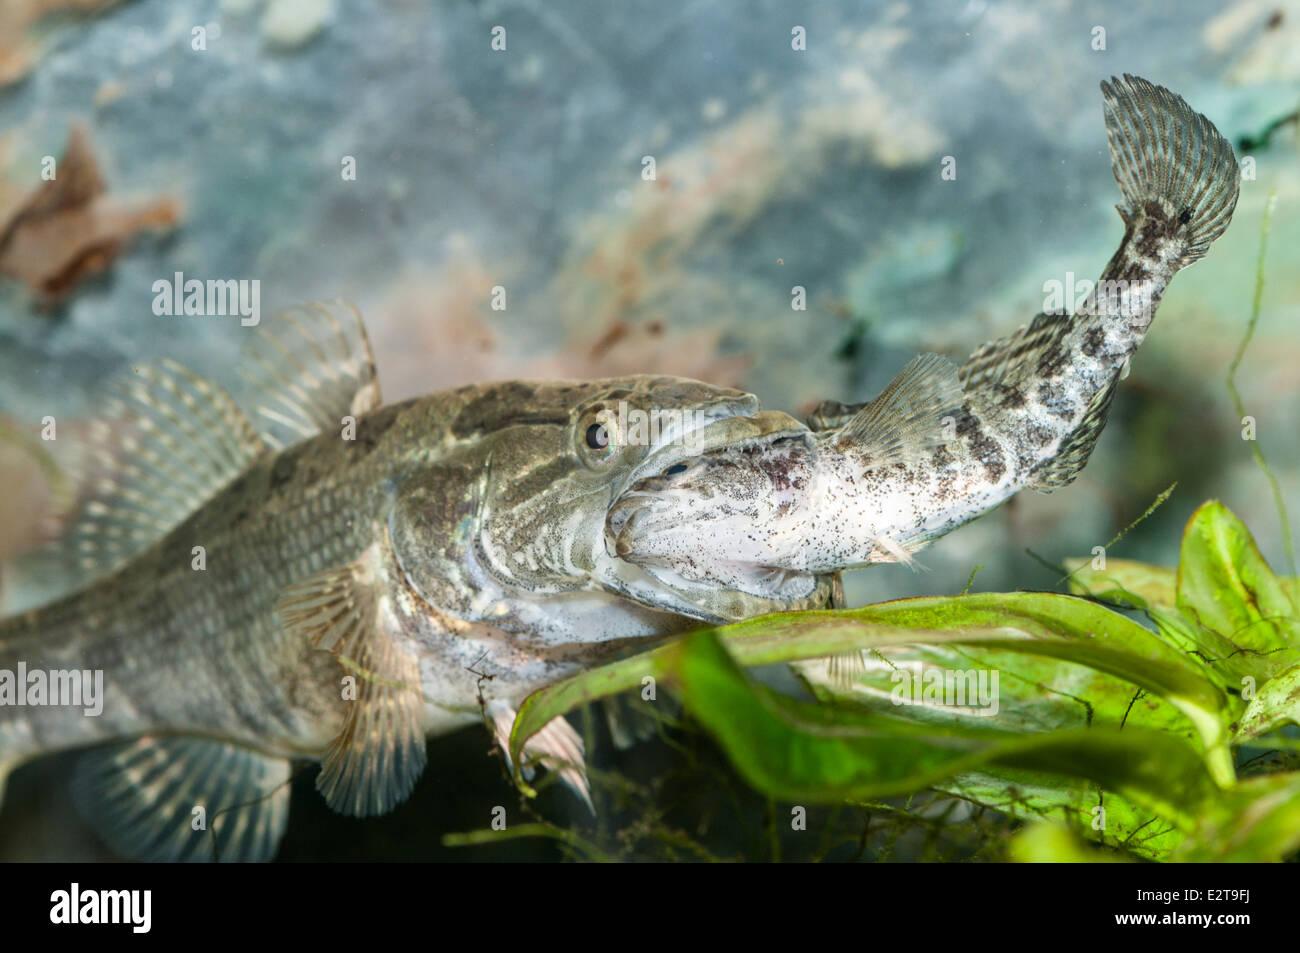 Predatory fish Chinese sleeper Percottus glenii eating ...